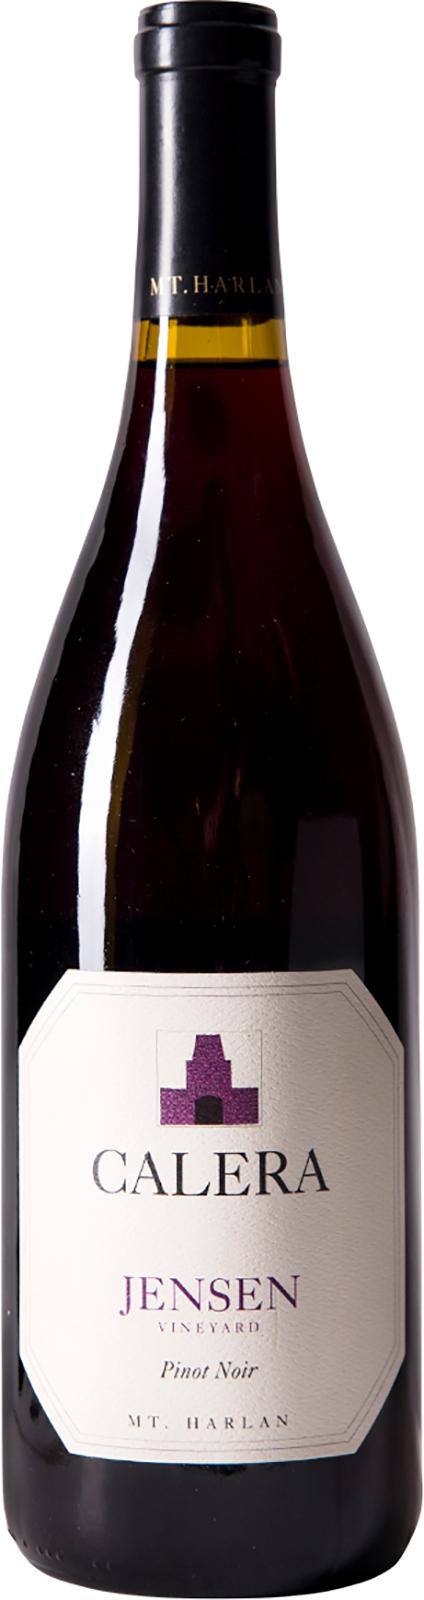 Calera Jensen Pinot Noir